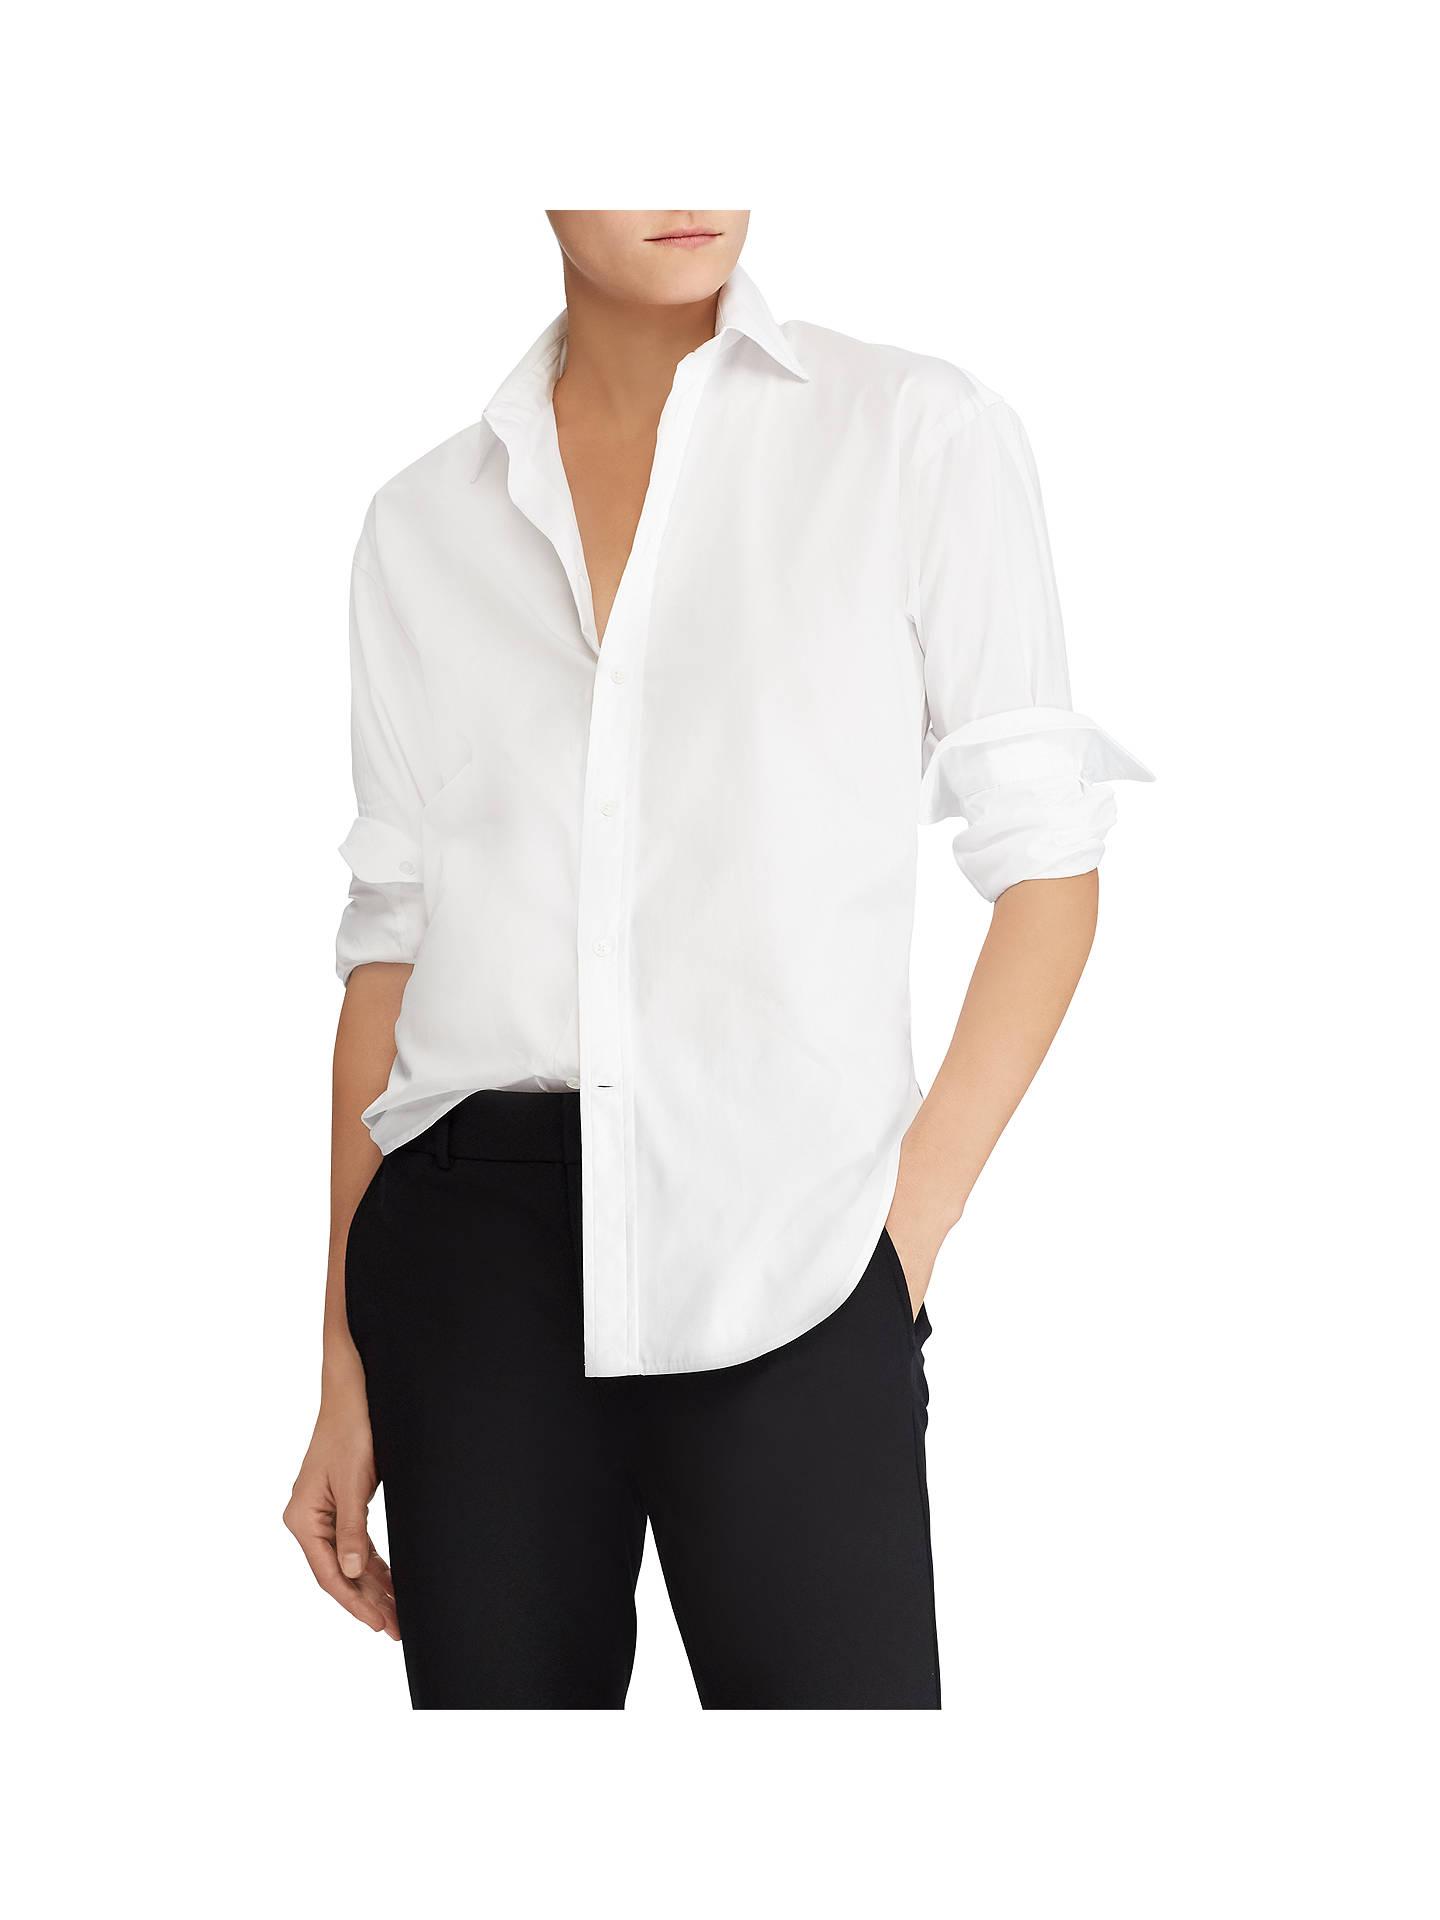 571d1006de Buy Polo Ralph Lauren Classic Long Sleeve Shirt